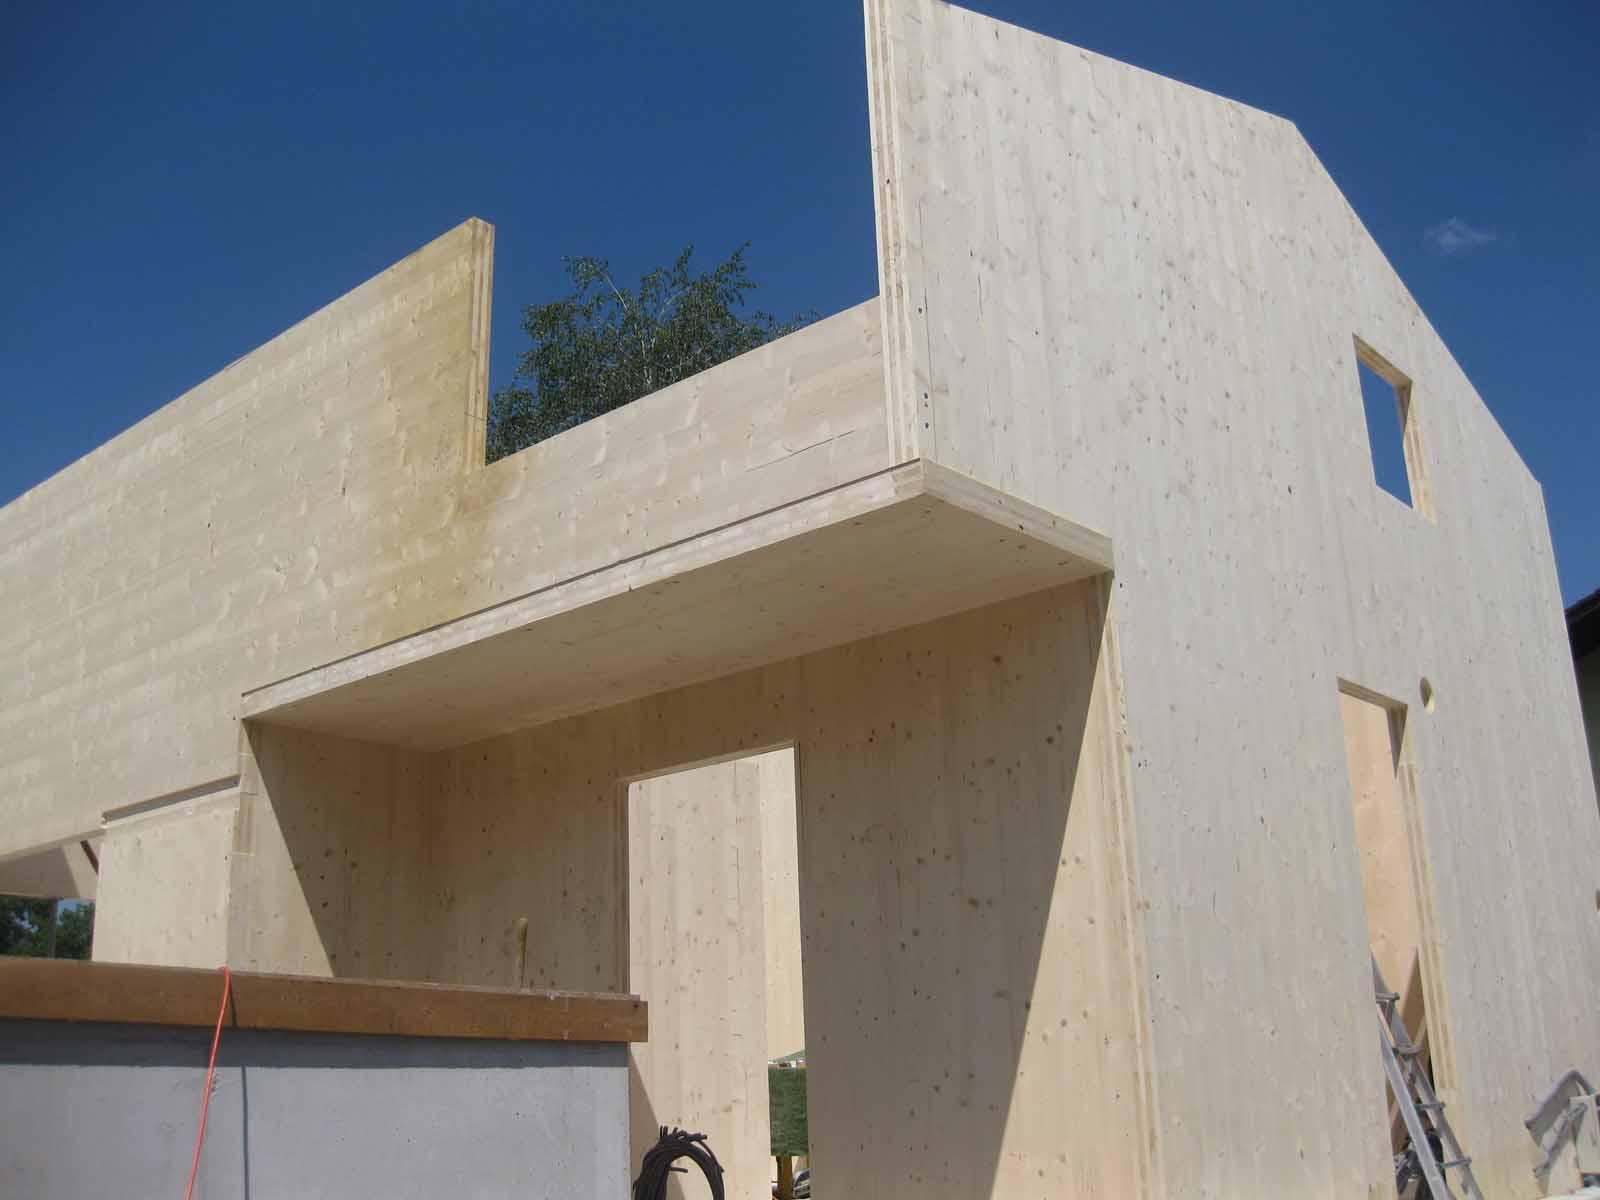 Scharfetter radstadt holzbau mauterndorf for Architekt planung